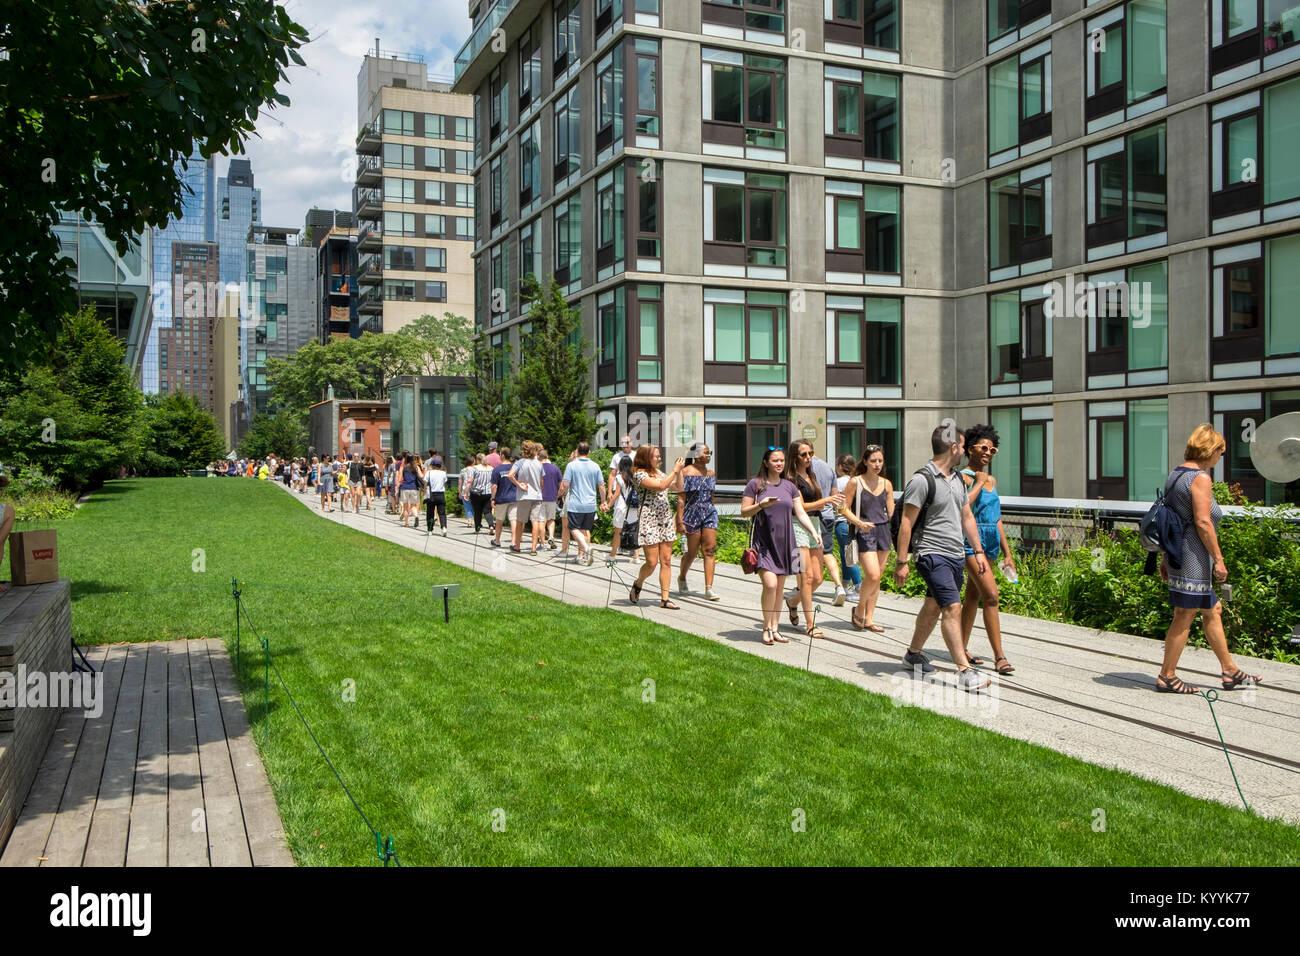 Línea alta de la ciudad de Nueva York highline, EE.UU., con la gente caminando sobre el puente de Manhattan Imagen De Stock